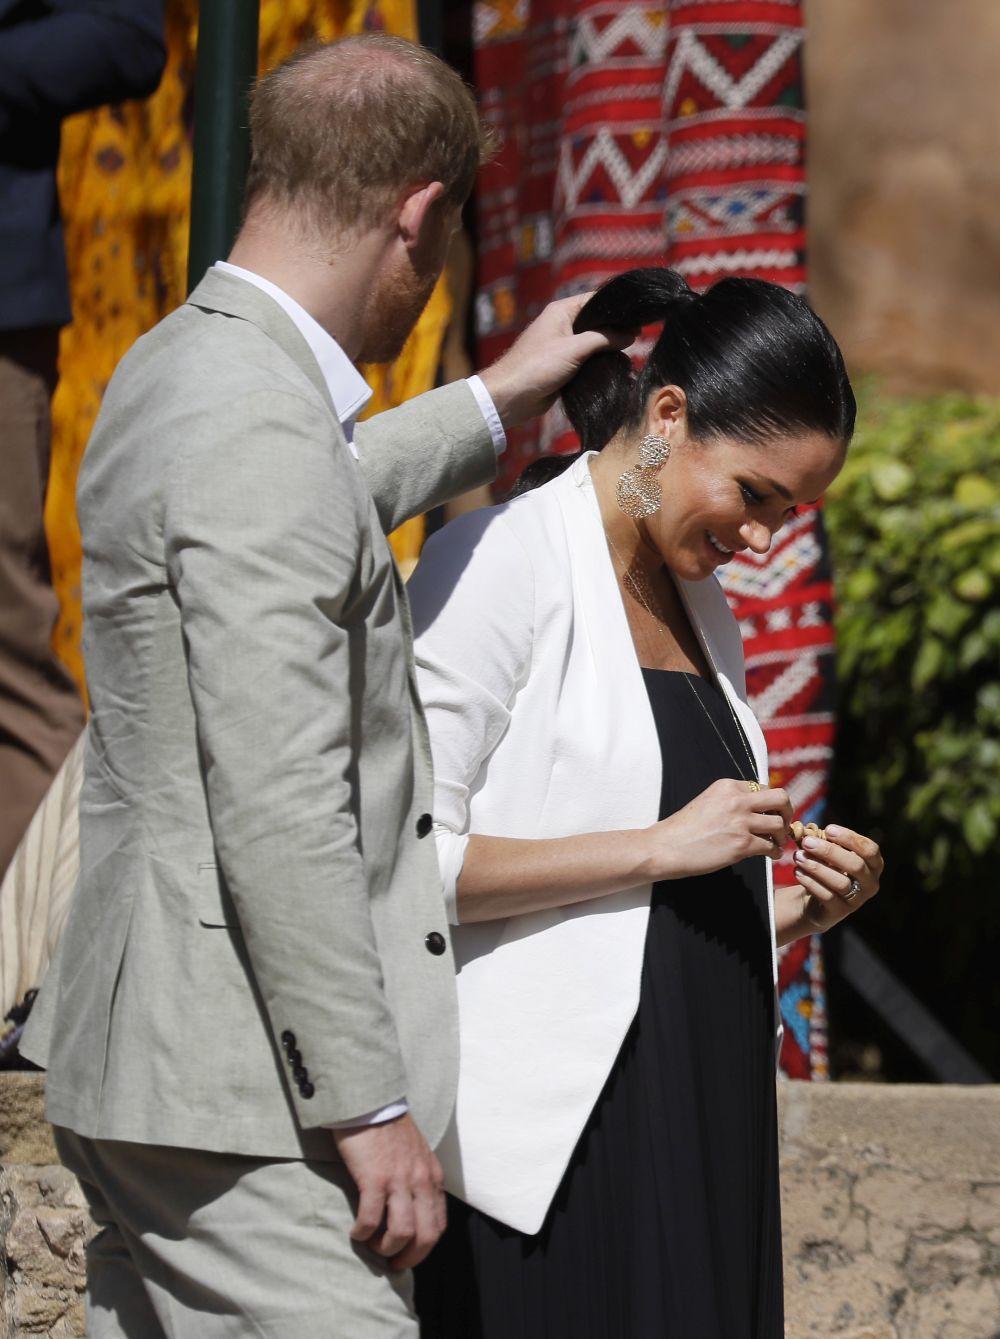 El príncipe Harry colocándole el pelo a Meghan Markle.